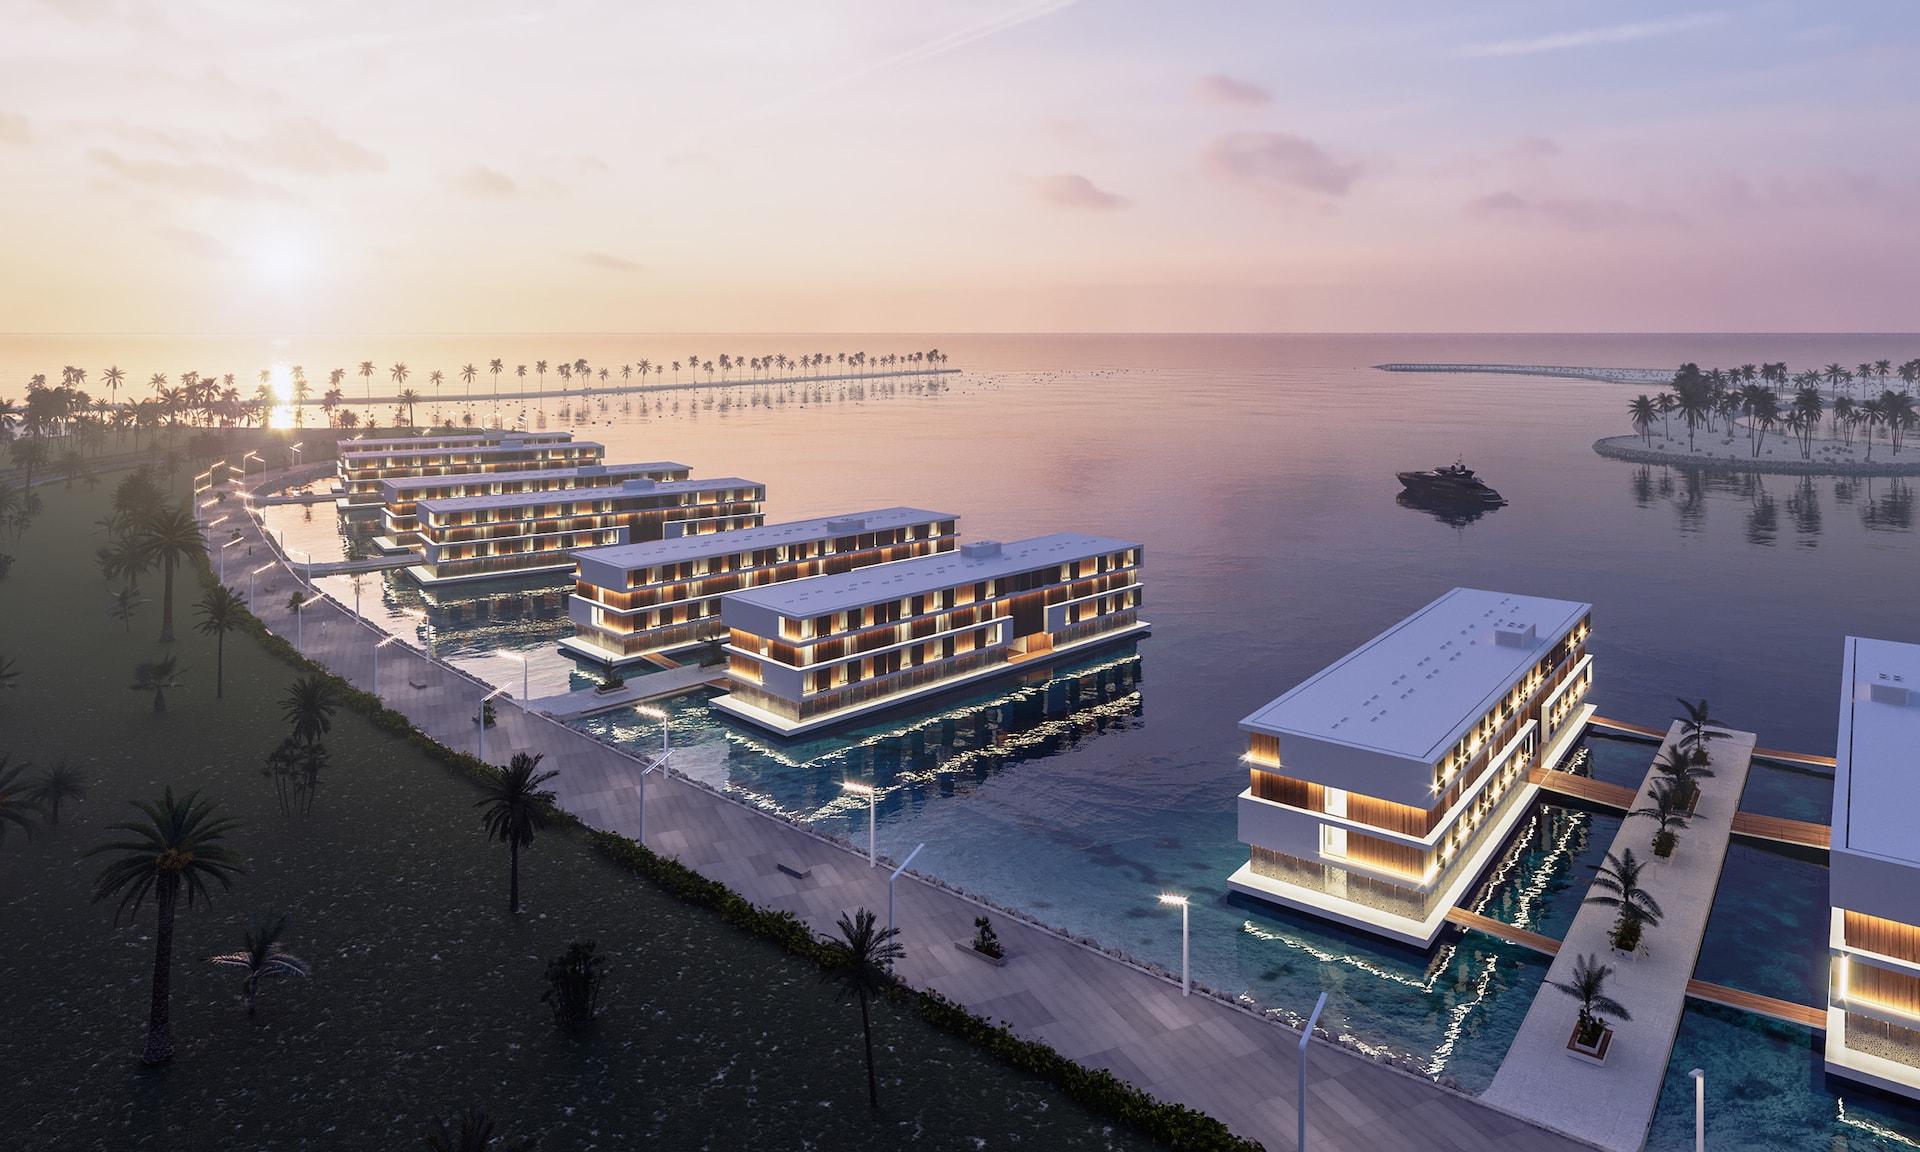 Qetaifan Island: Katar baut 16 schwimmende Hotels für die WM 2022 1